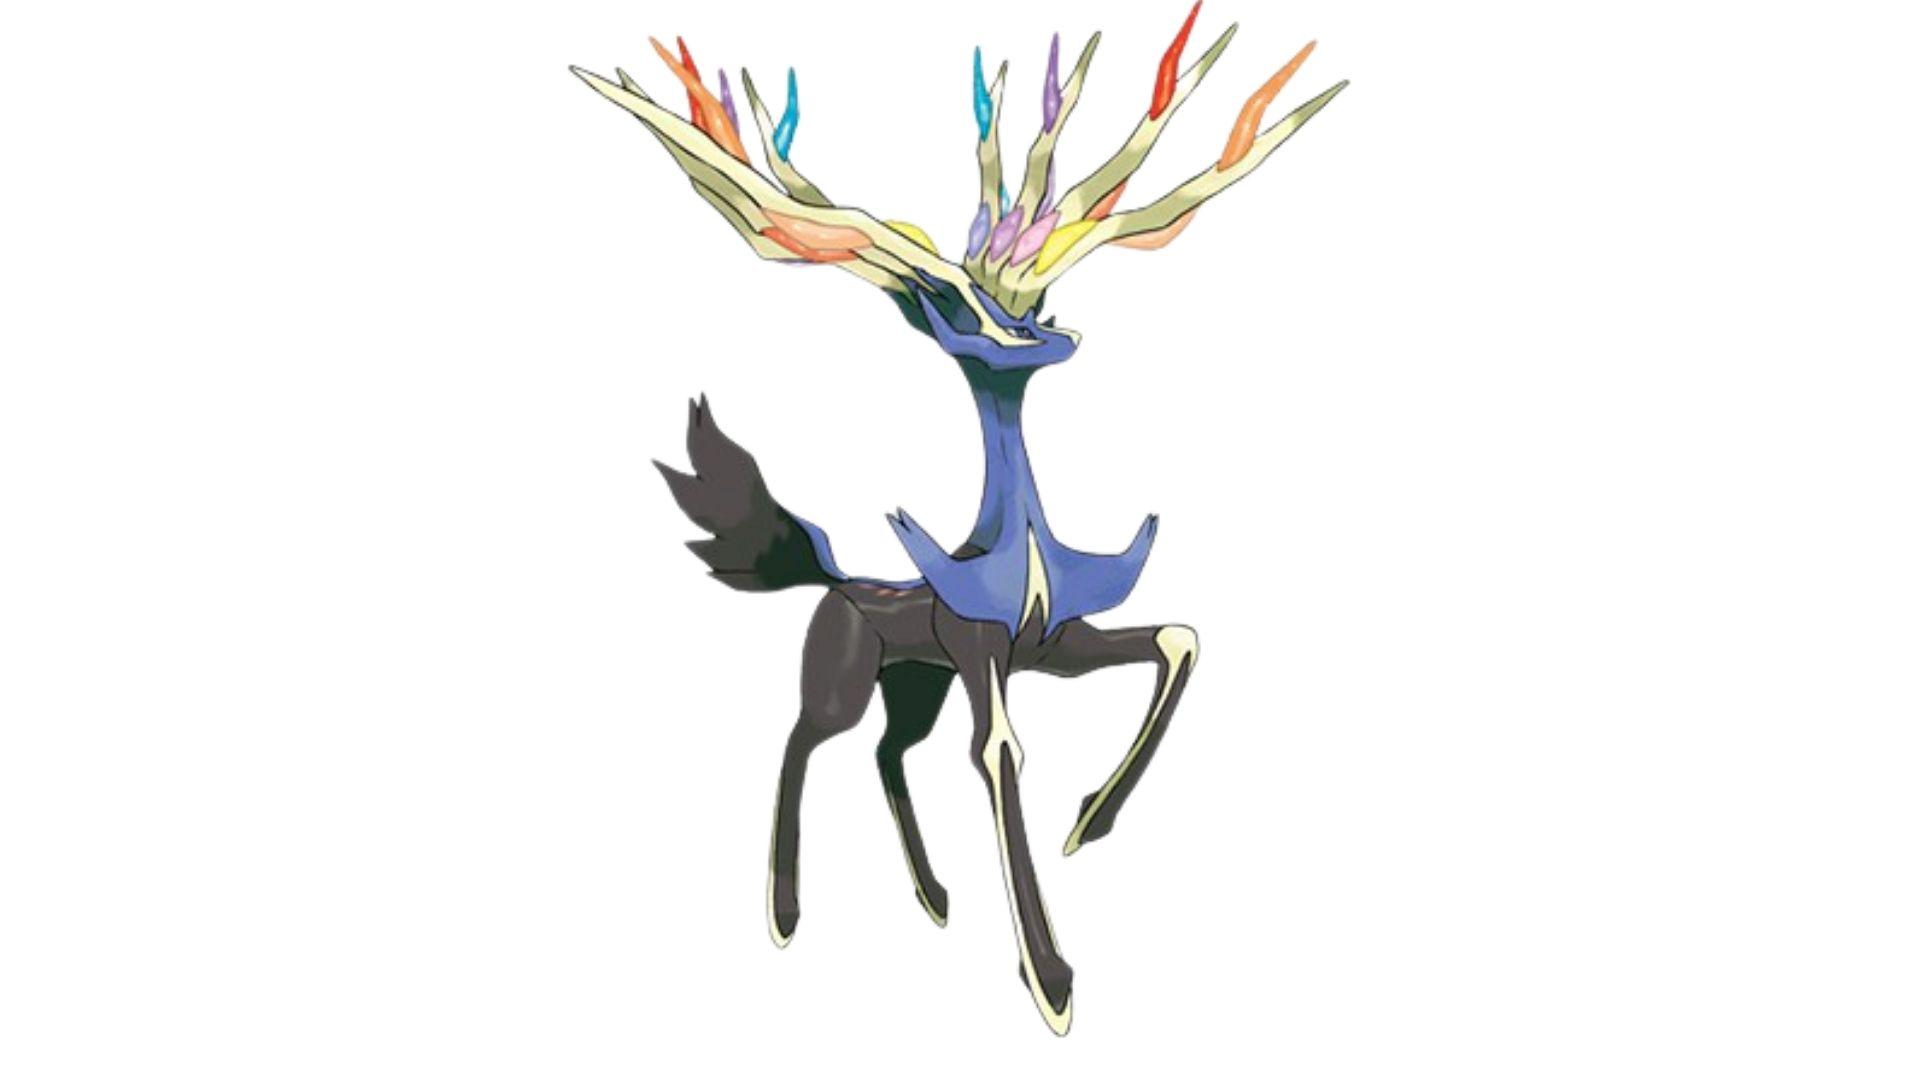 Xerneas é considerado um dos pokémons mais fortes e benevolentes do universo do game (Foto: Divulgação/Pokémon)